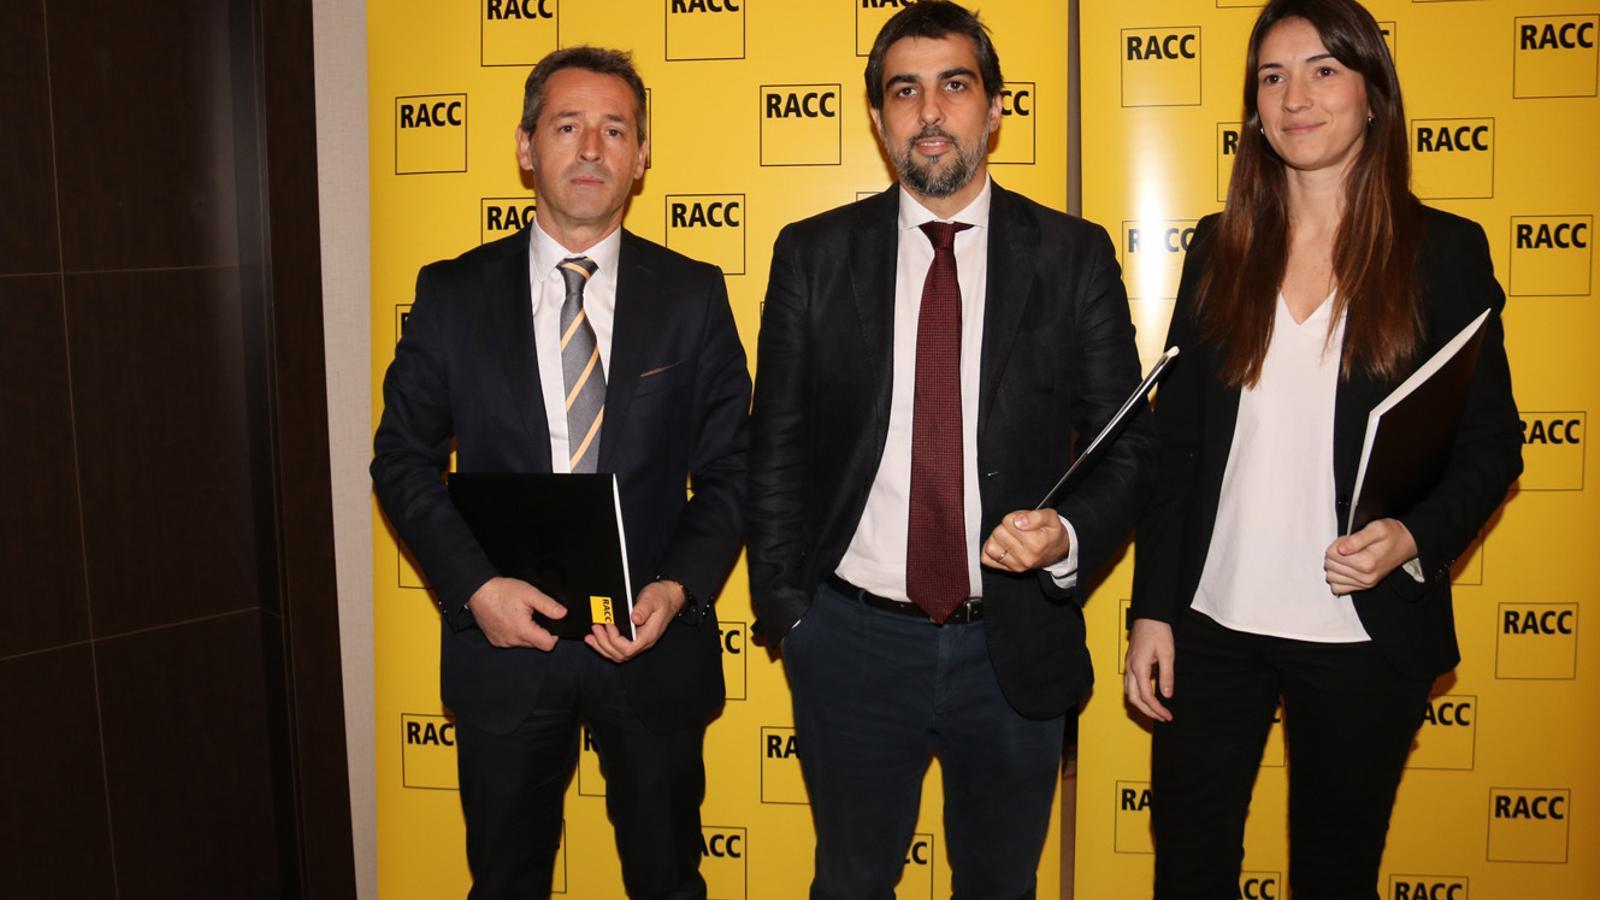 D'esquerra a dreta, Josep M. Flotats, Lluís Puerto i Alba Rey, en la presentació del segon estudi del RACC sobre senyalització viària al Pirineu. / RACC